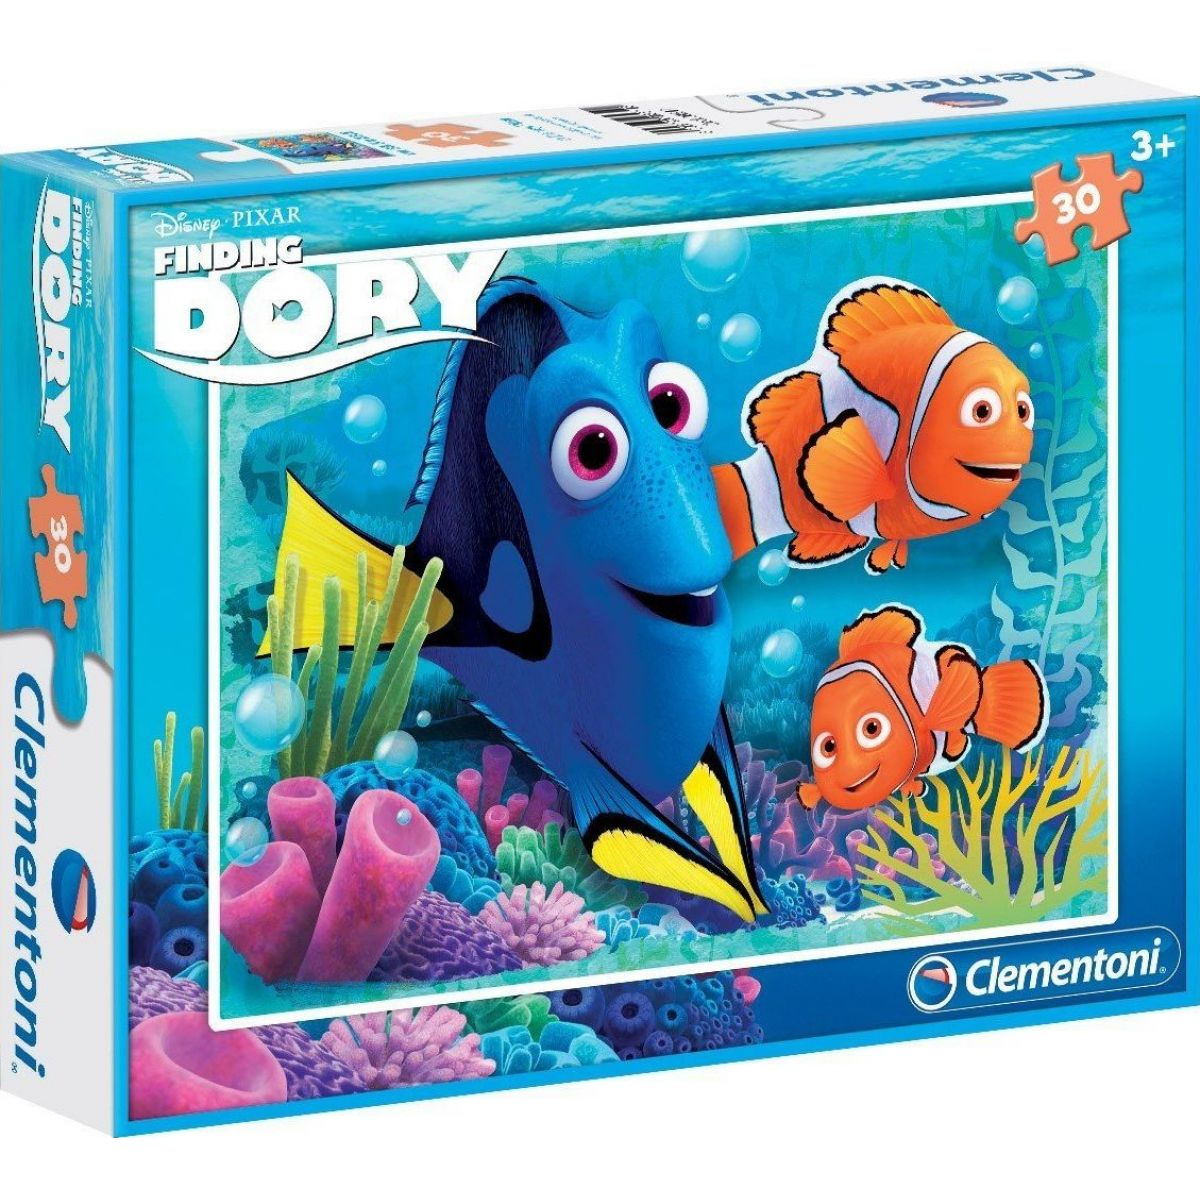 Clementoni Hledá se Dory Puzzle 30d